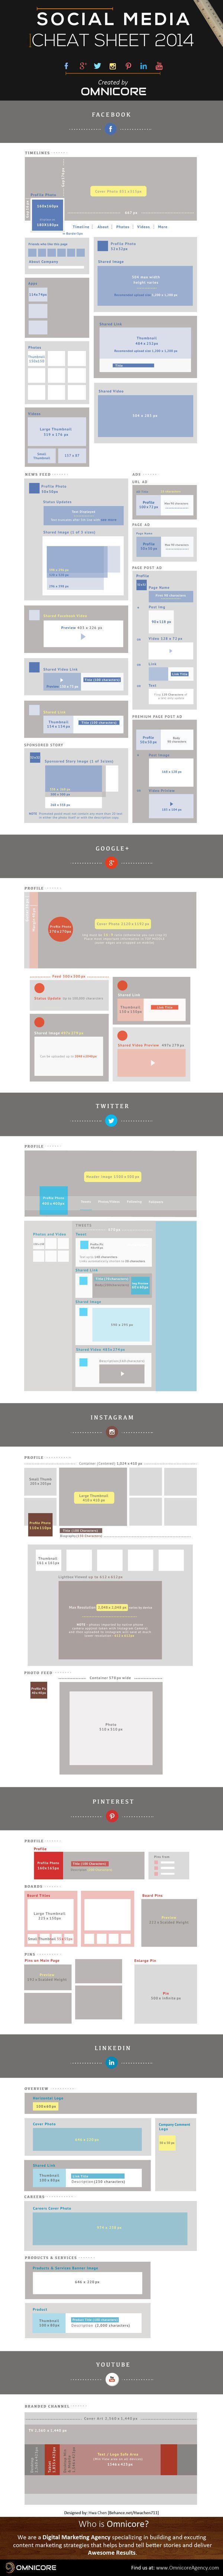 Medidas de las redes sociales con sus nuevos diseños. Infografía en inglés. #CommunityManager